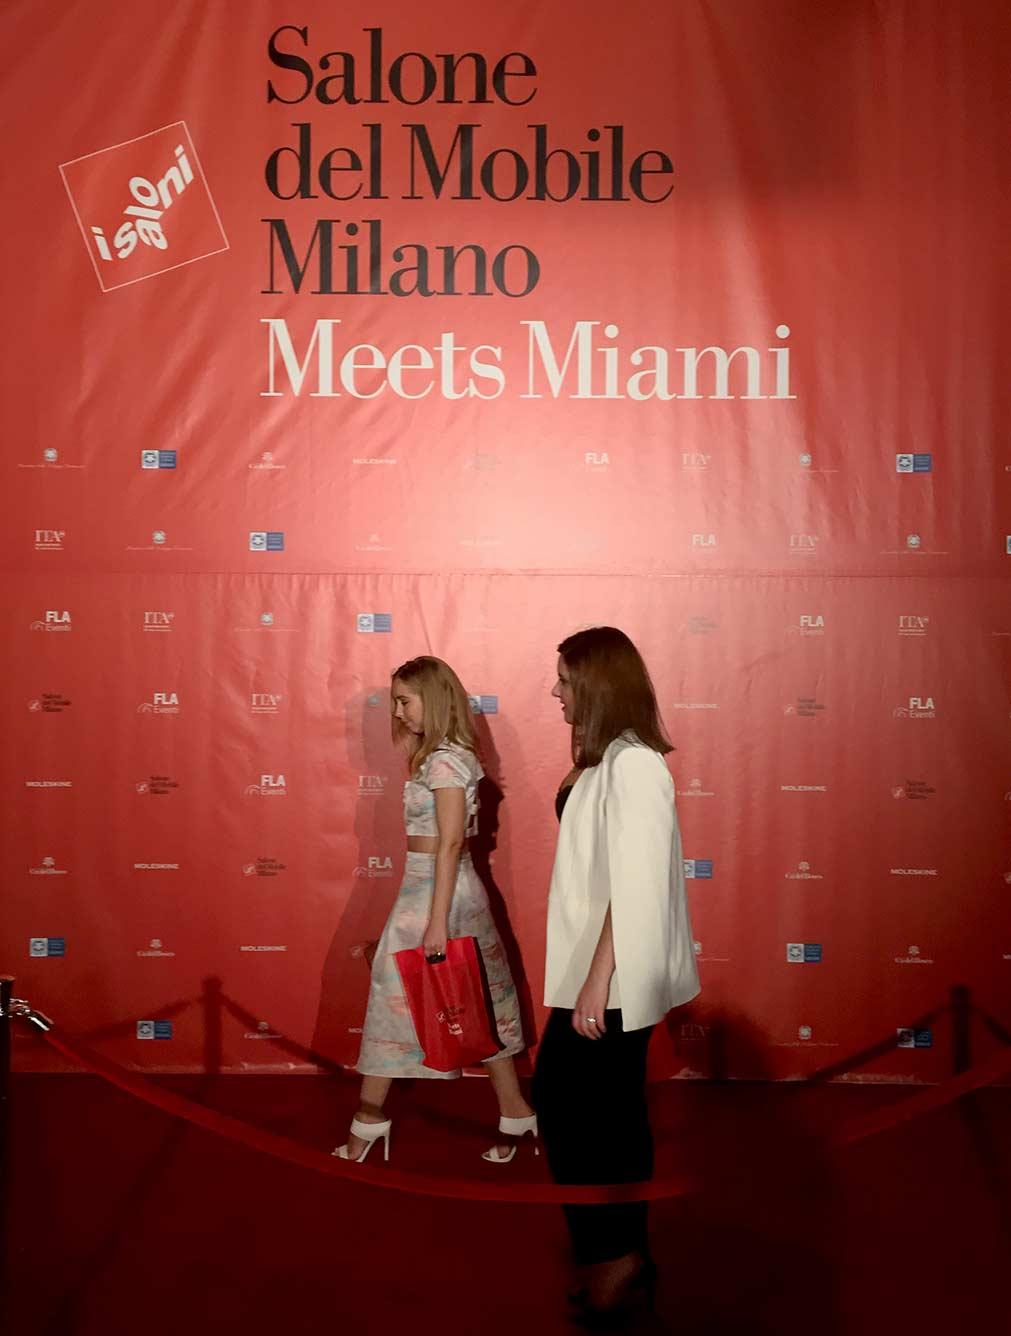 Salone del Mobile – Milano Meets Miami